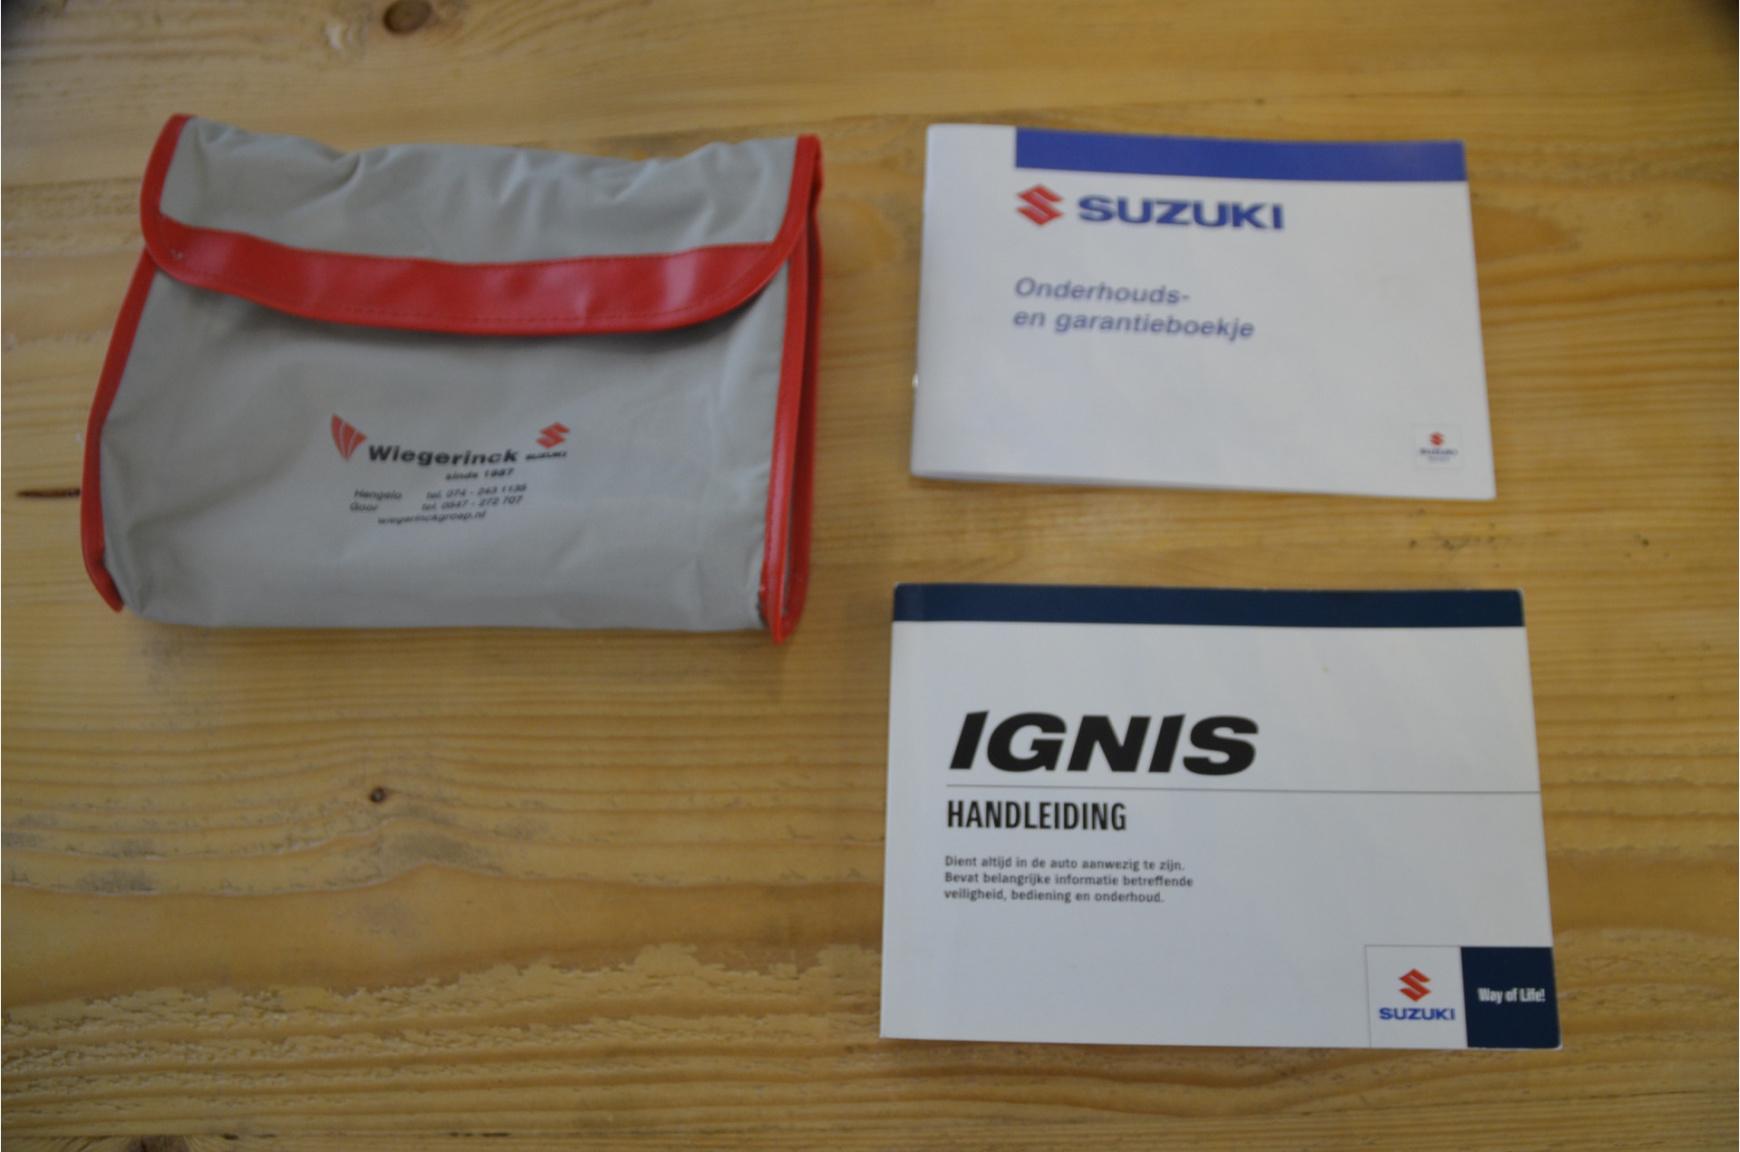 Suzuki-Ignis-21